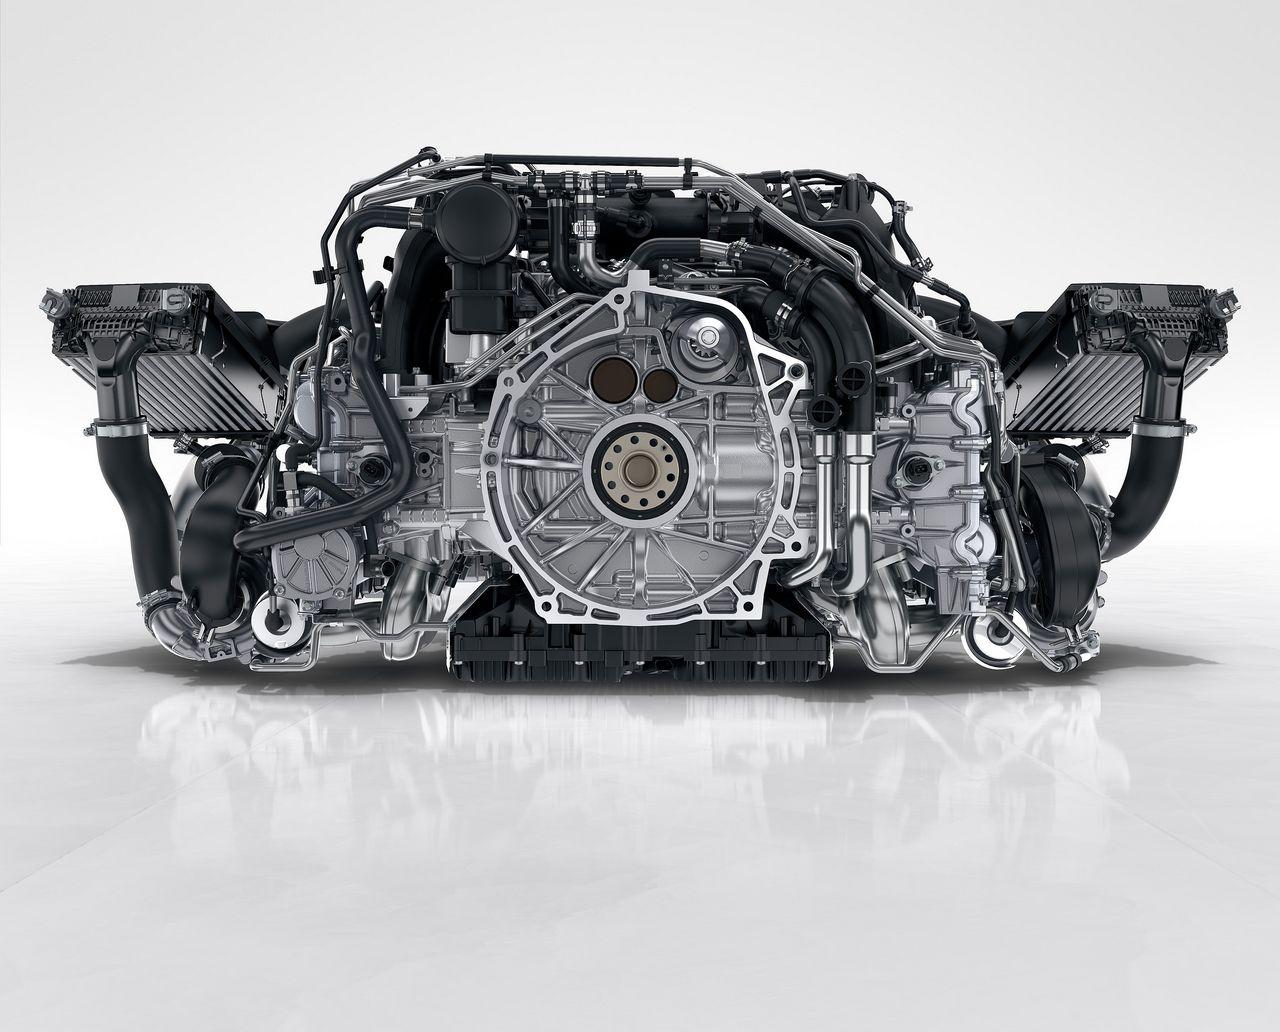 porsche-911-991-carrera-turbo-mk2_0-100_15